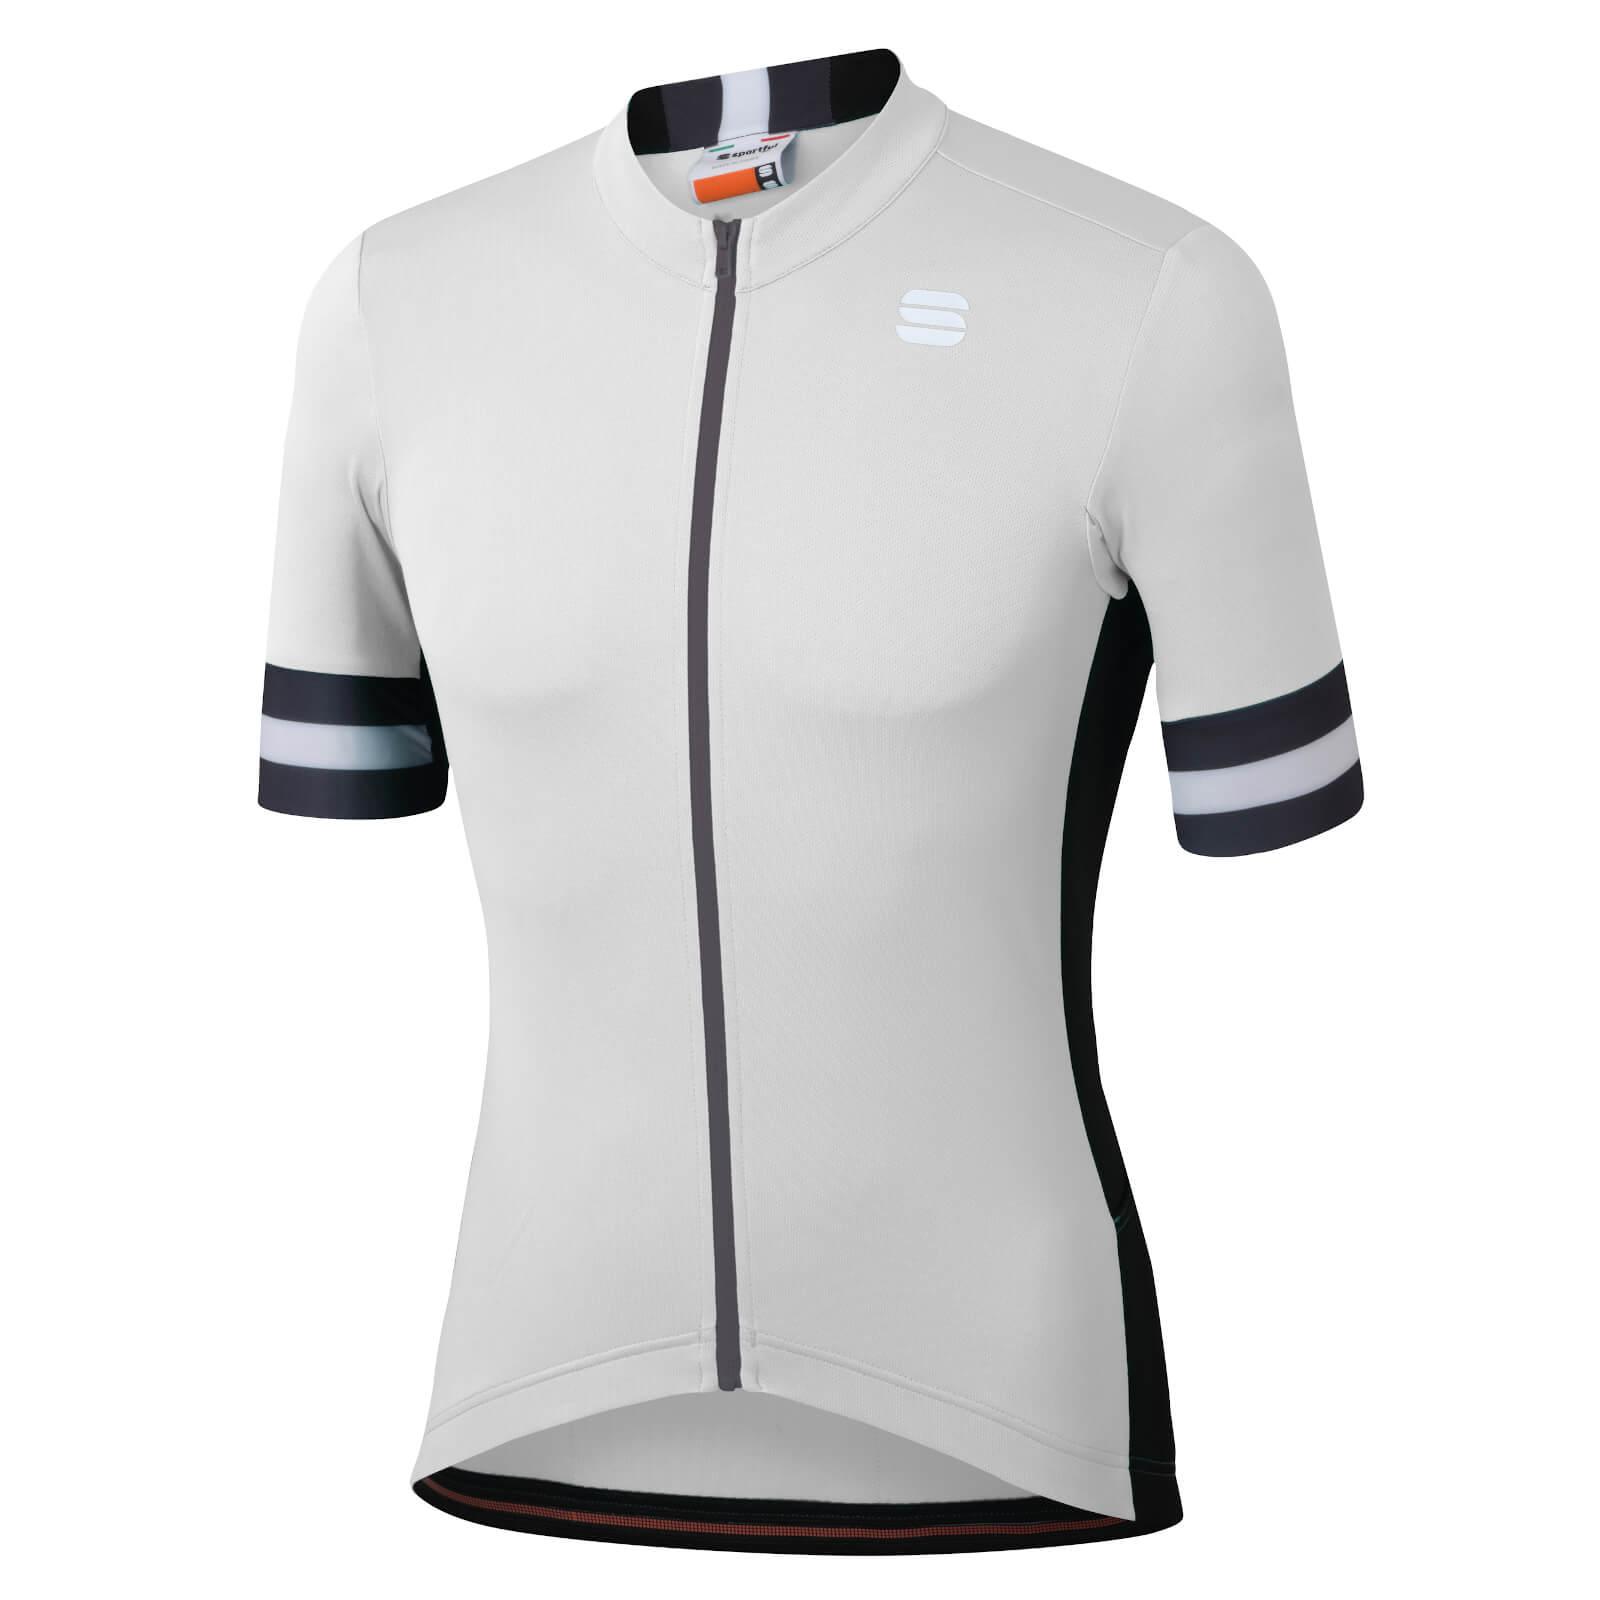 Sportful Kite Jersey - L - White